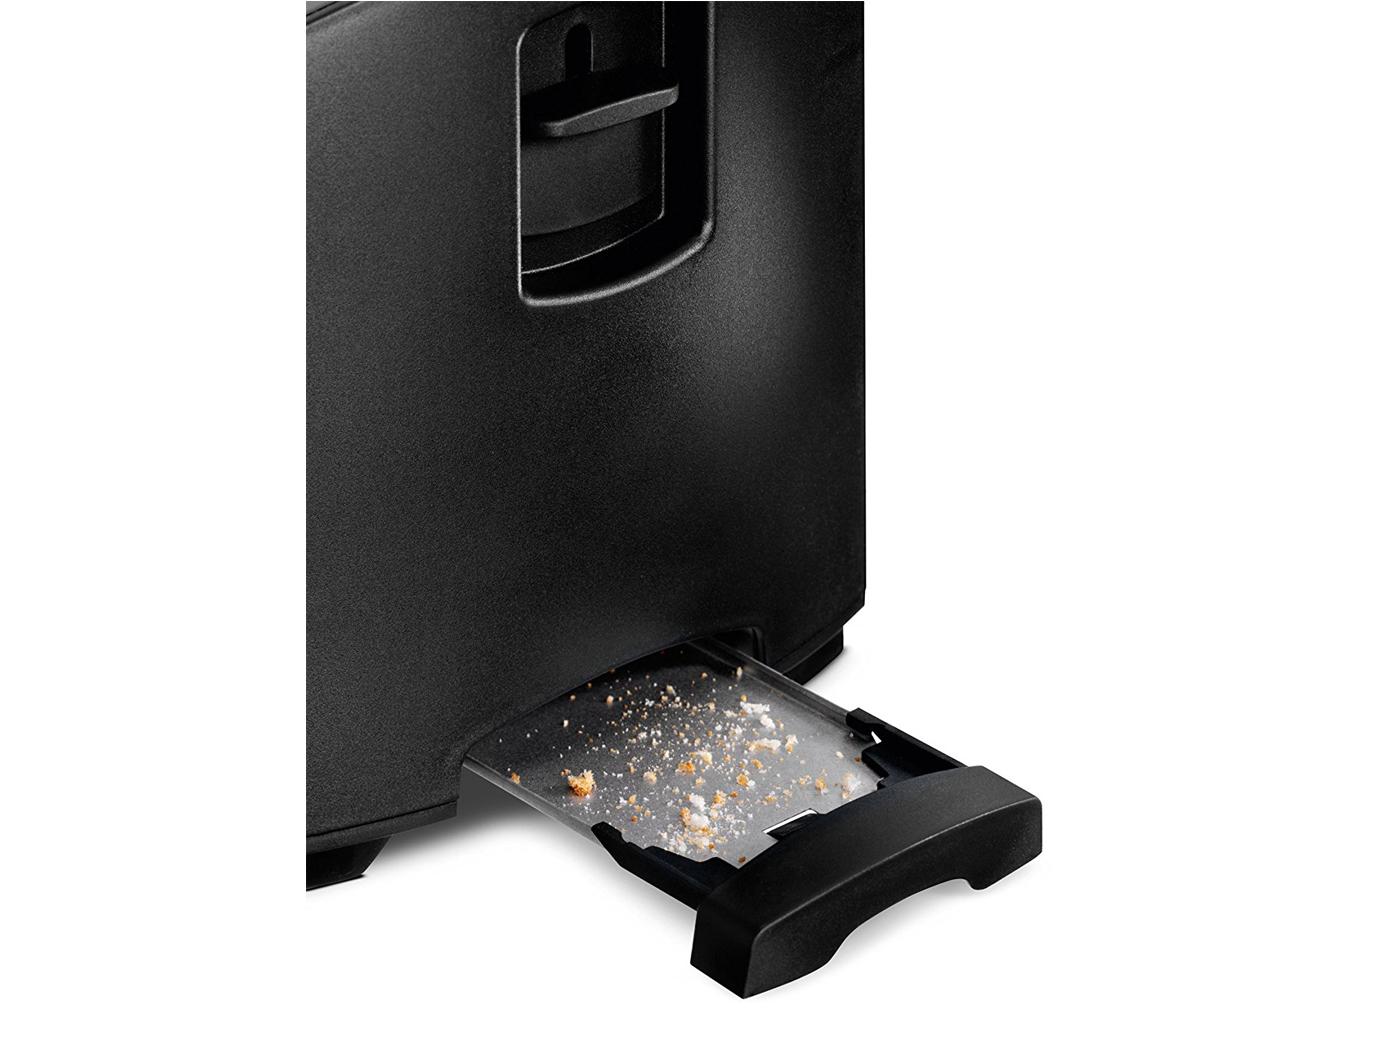 Mini Brotröster 2 Scheiben Toaster Röster automatisch toasten aufwärmen auftauen